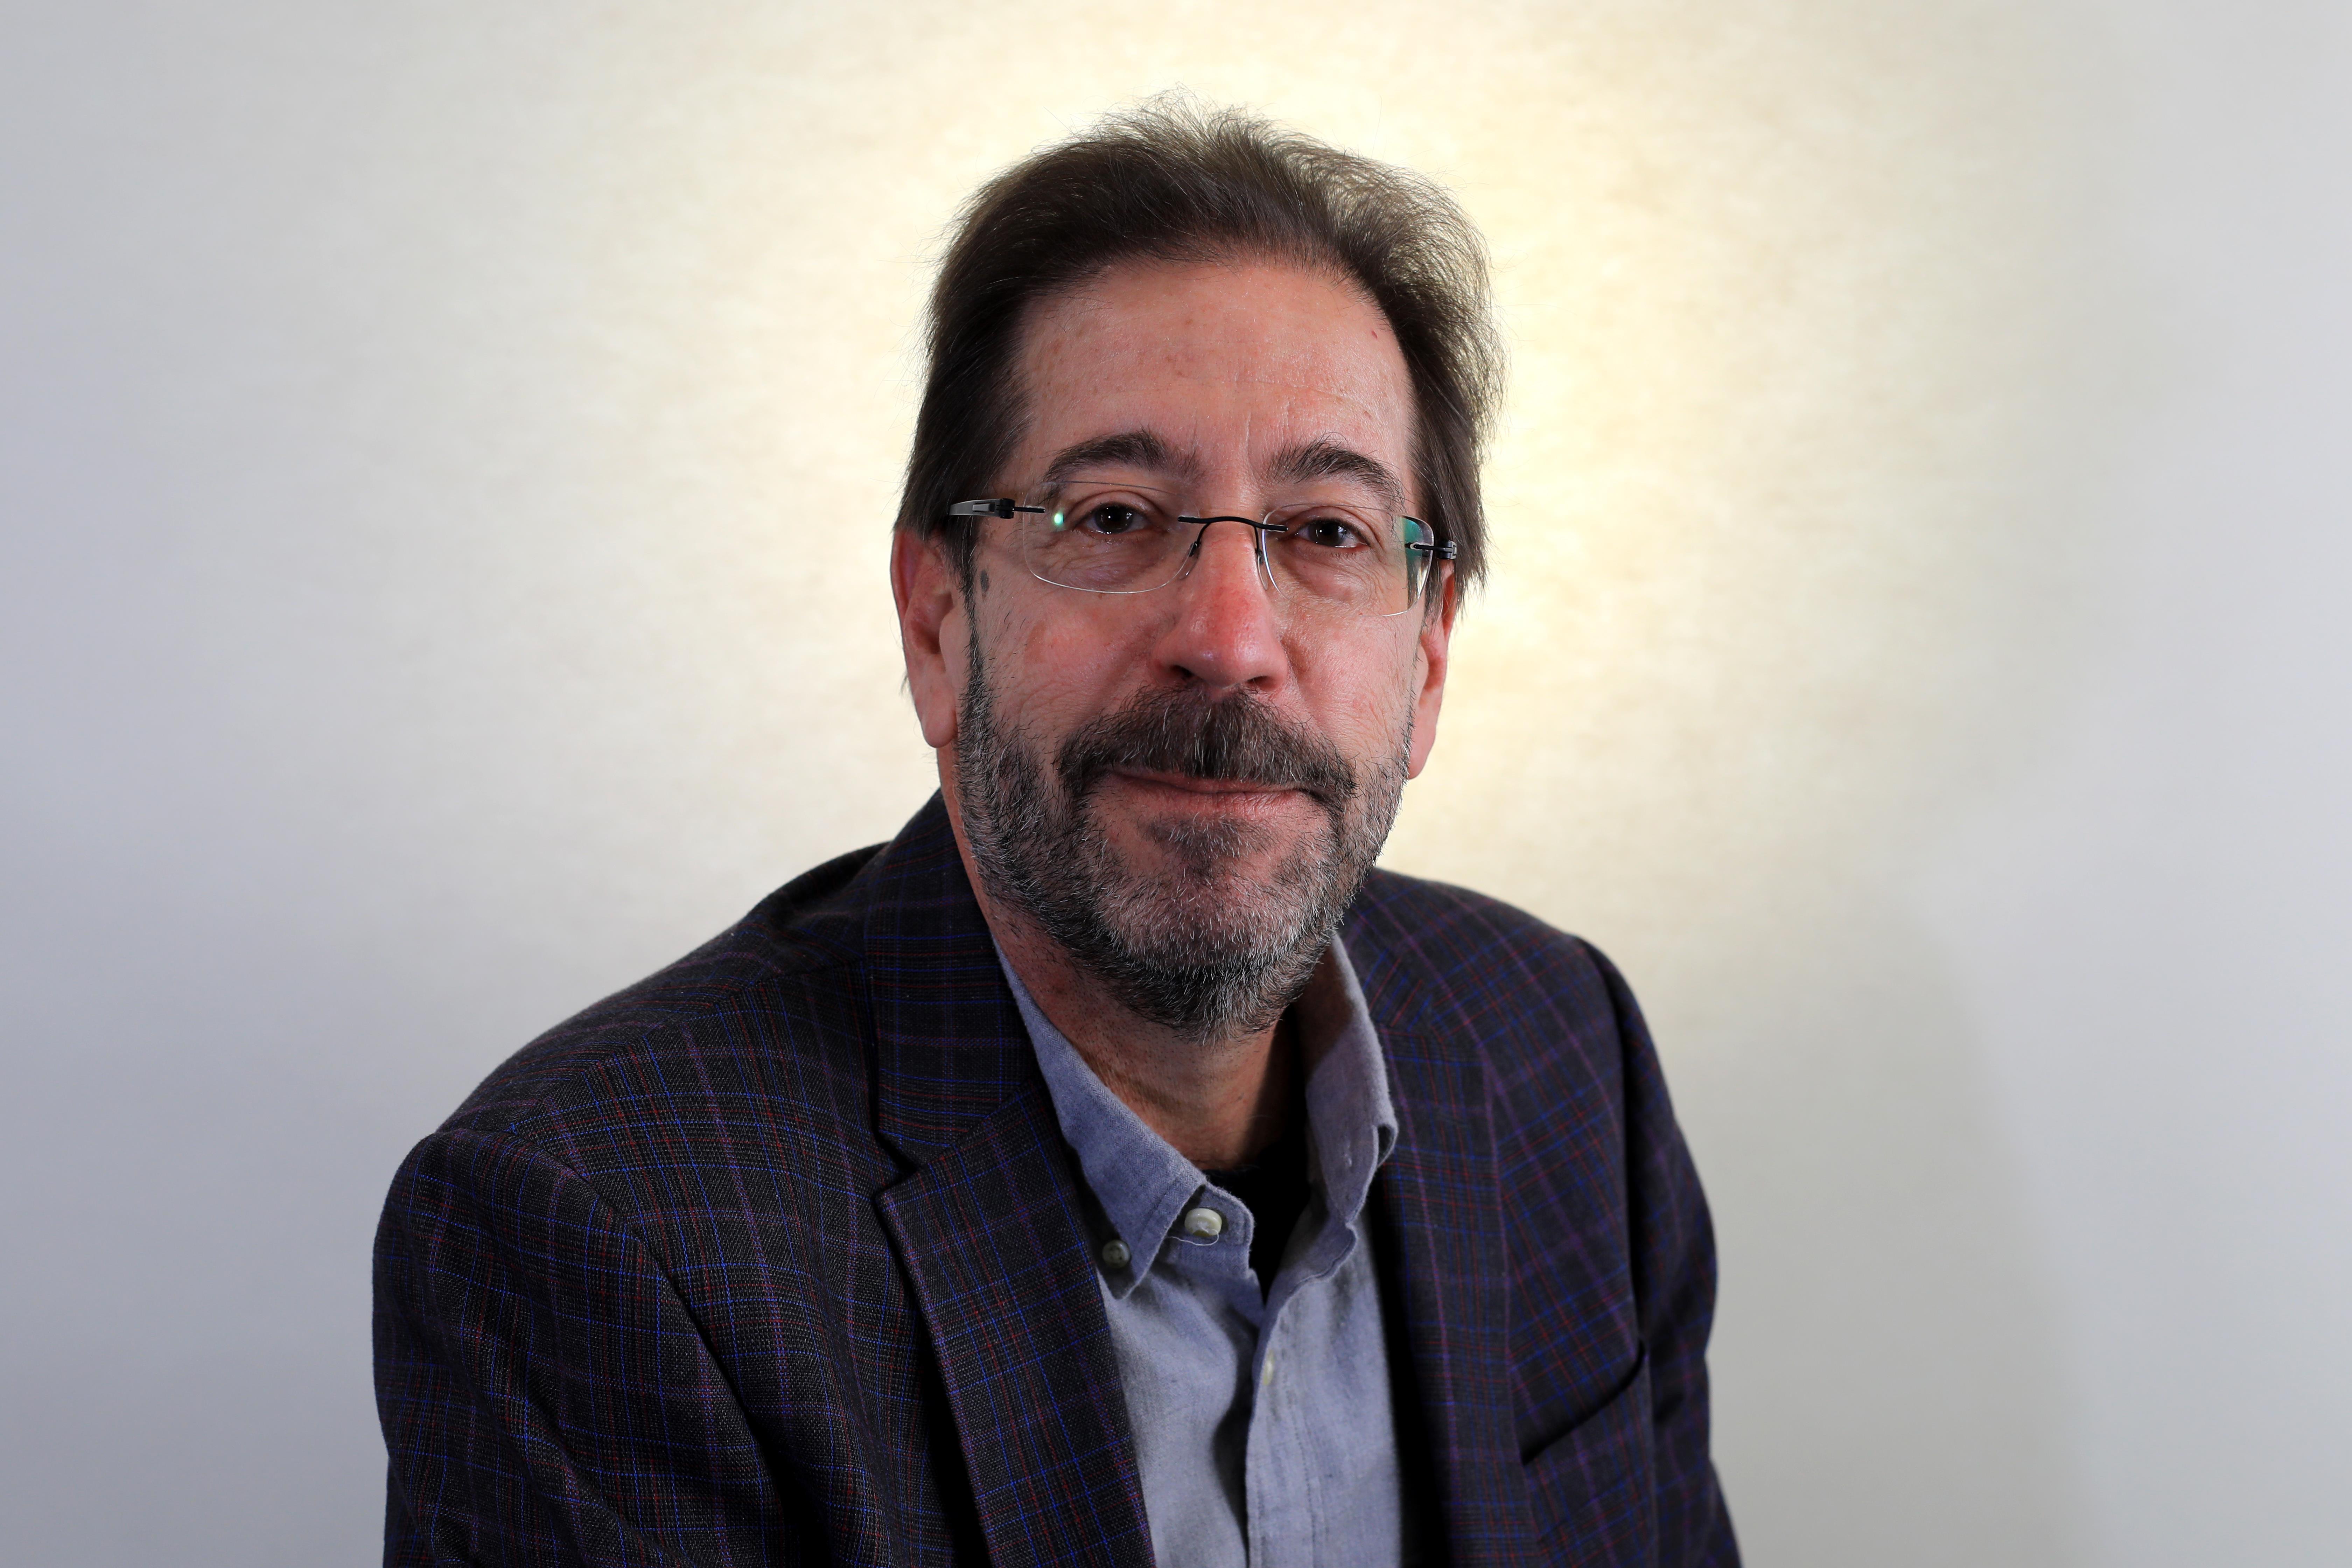 Garry Raim